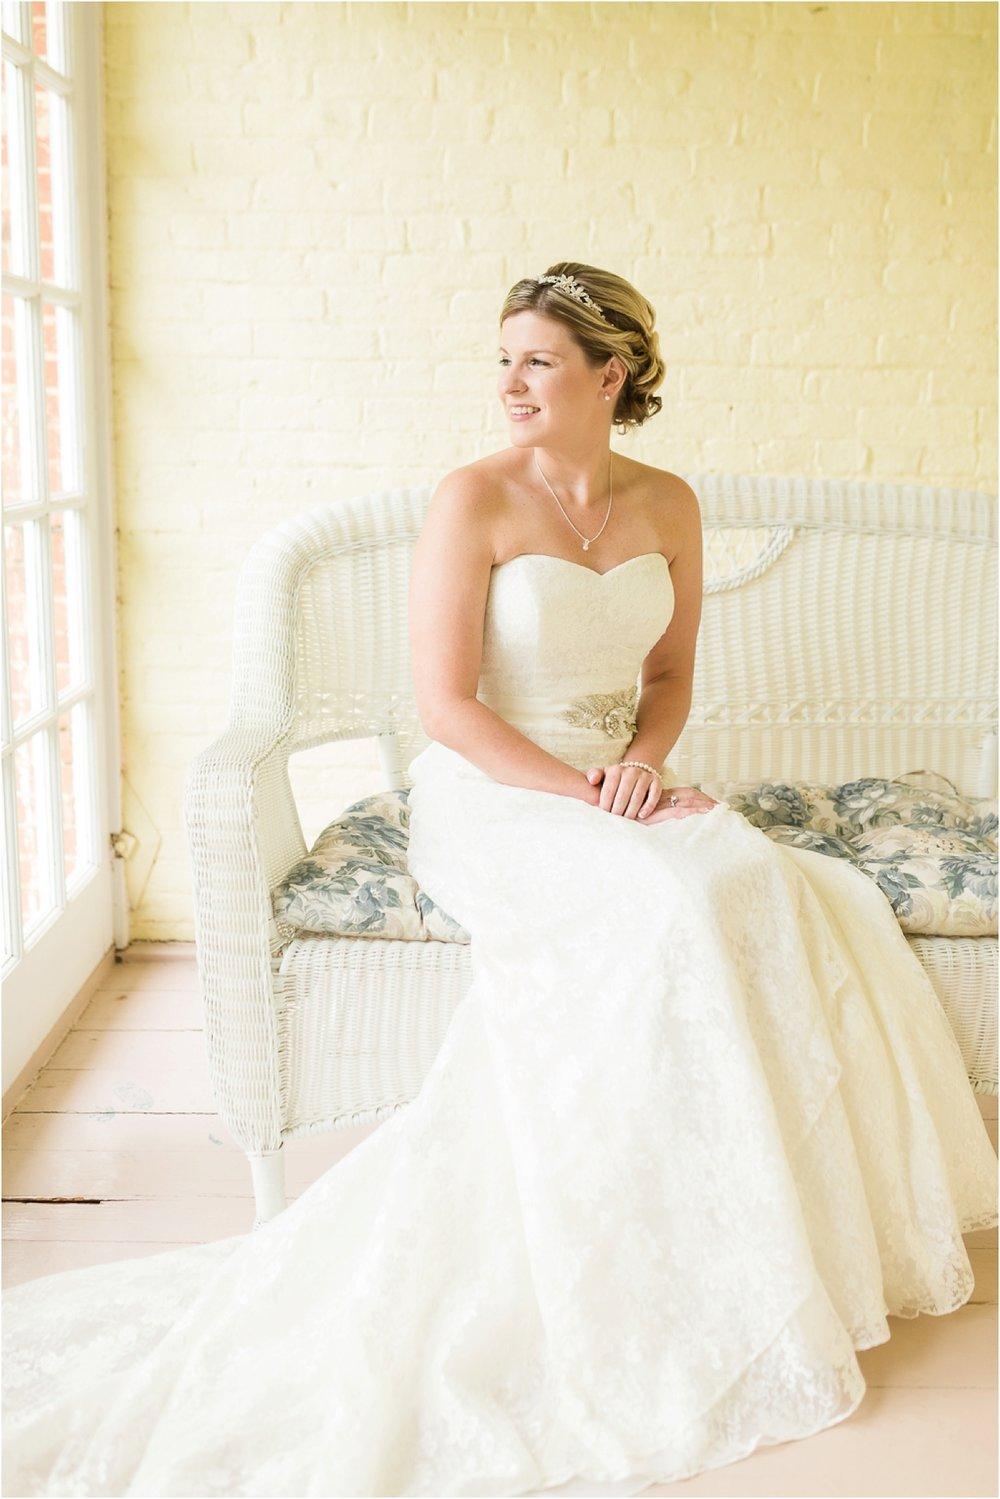 Royer-House-Wedding-Photos-36.jpg